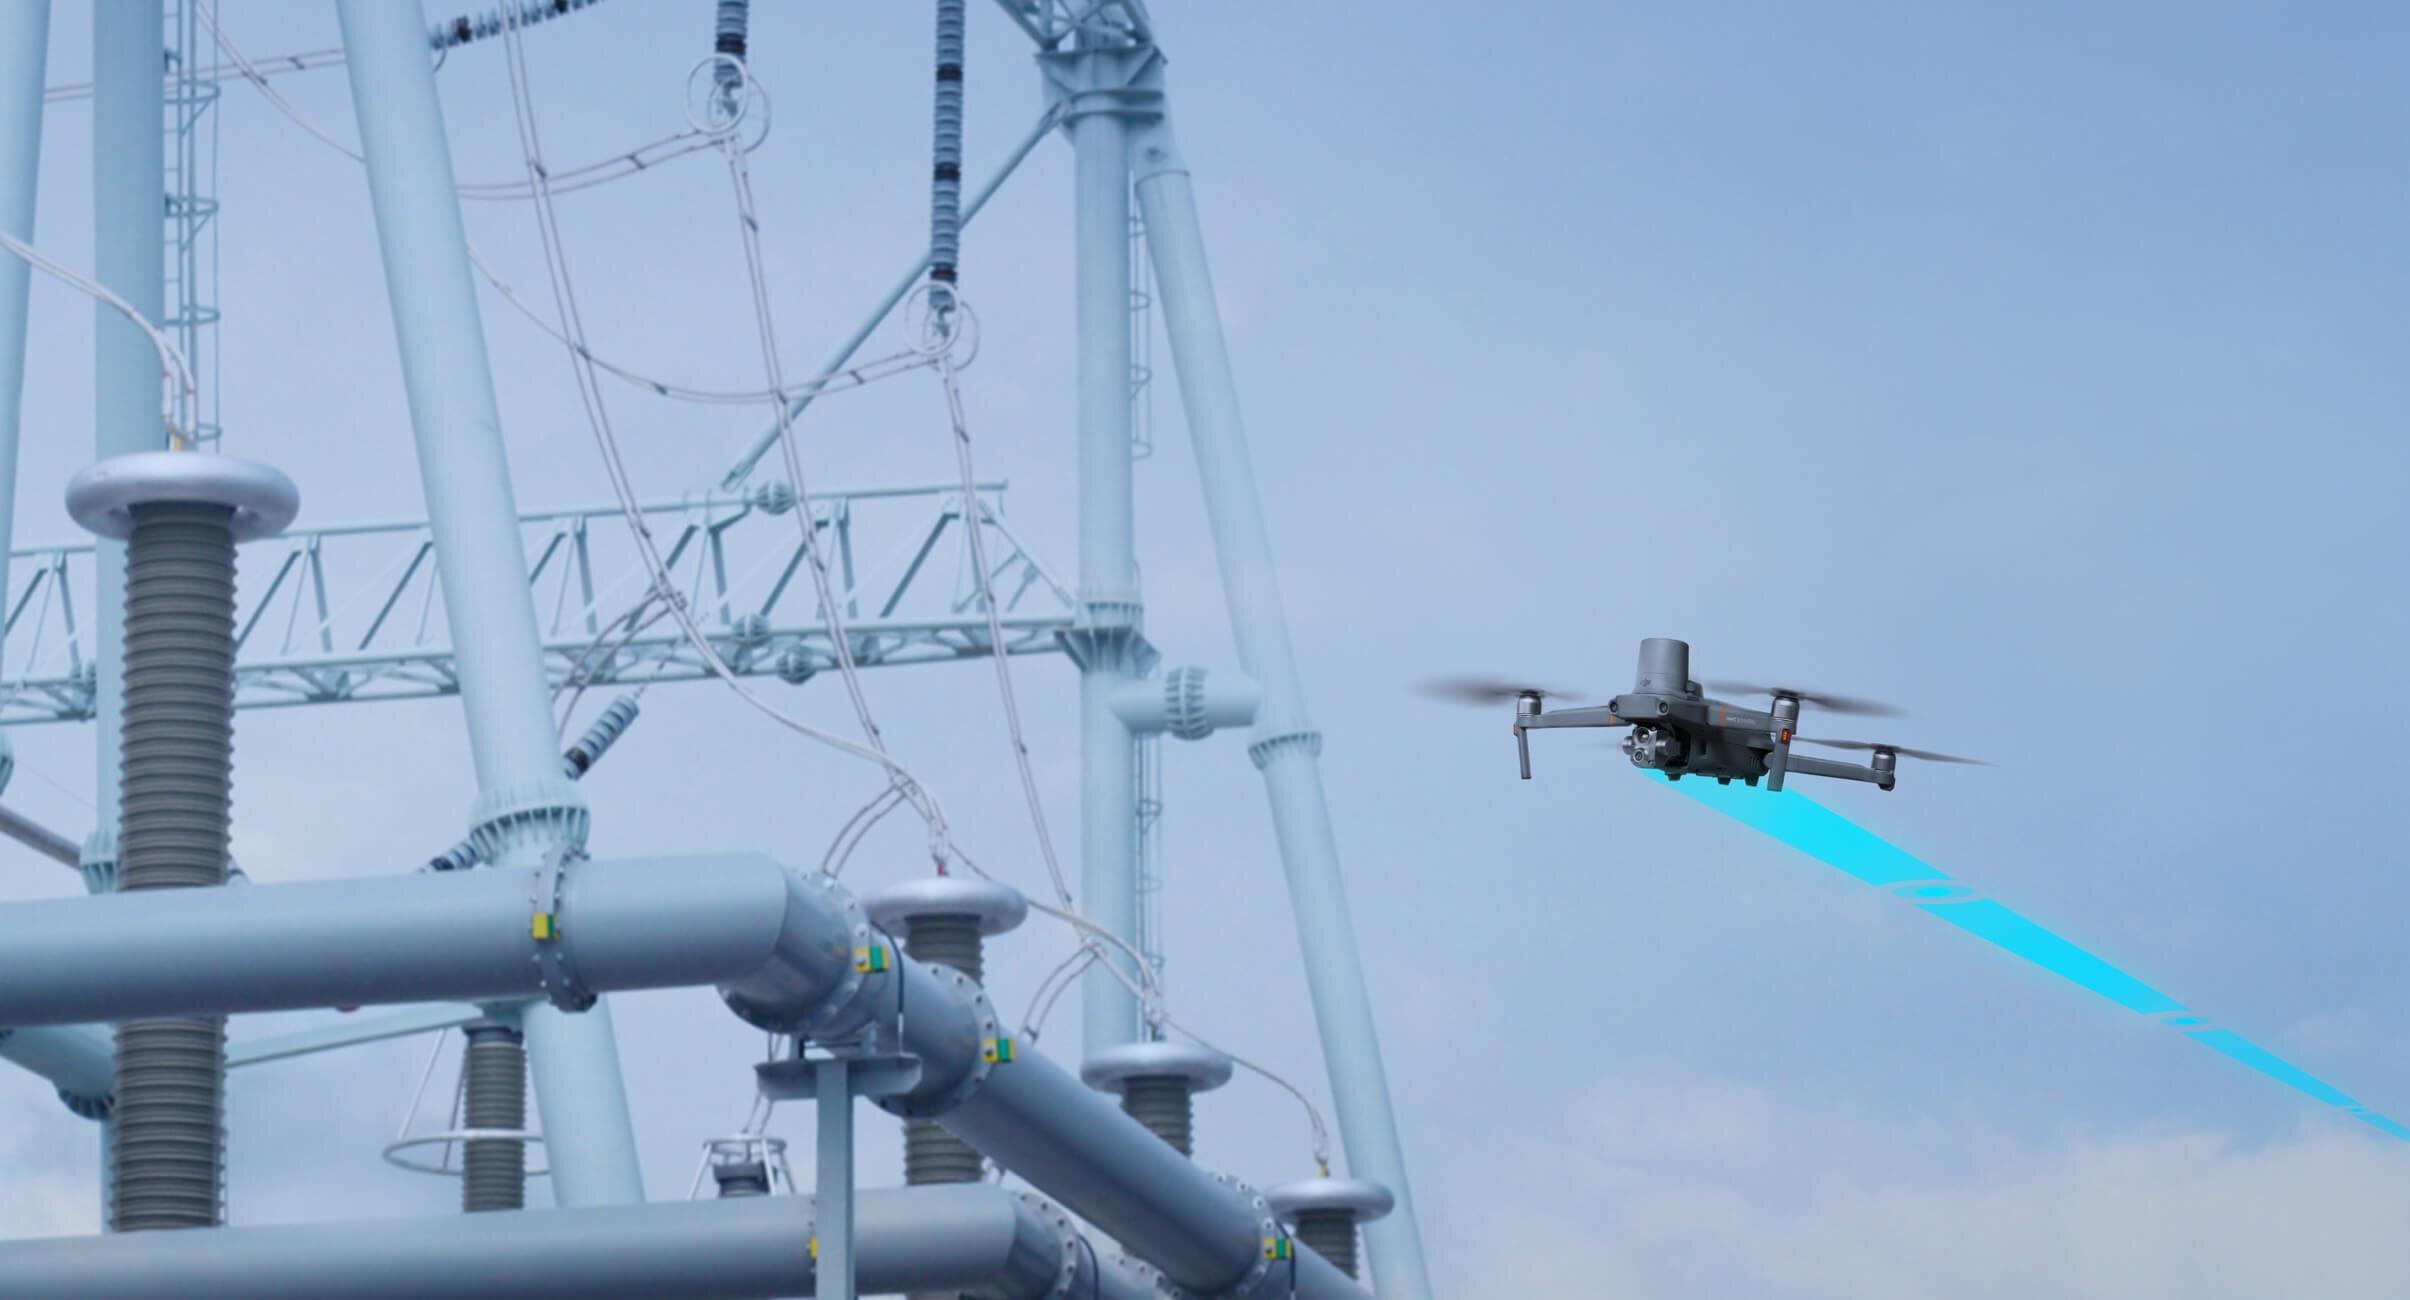 Mô-đun M2EA RTK được thiết kế để thực hiện các nhiệm vụ kiểm tra chi tiết, tự động trong môi trường phức tạp.